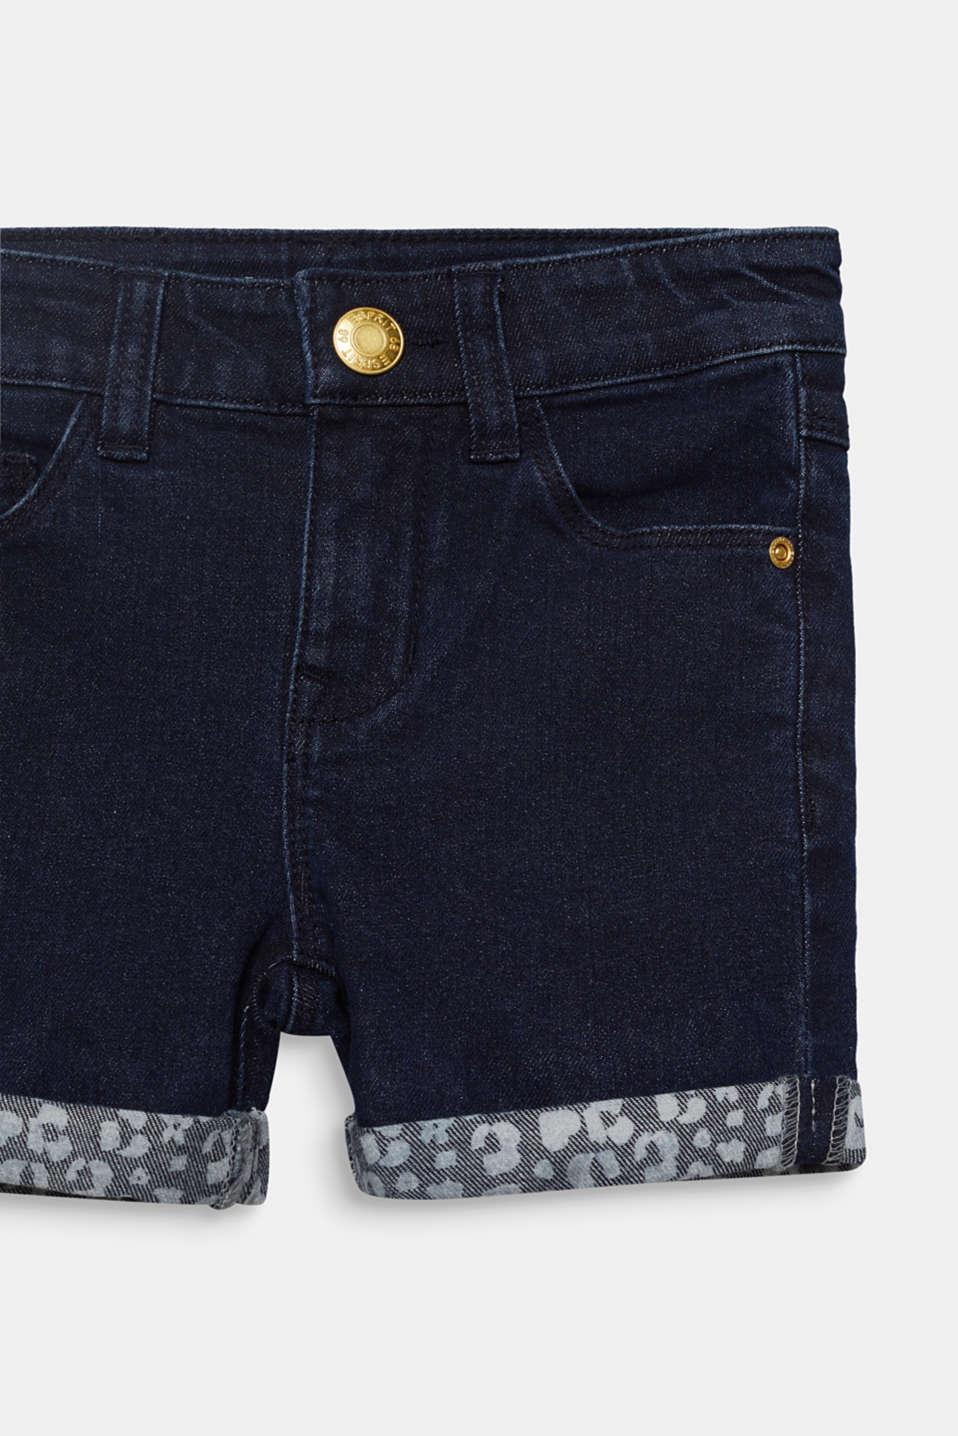 Dark denim shorts with turn-ups, adjustable waistband, DARK INDIGO DE, detail image number 2